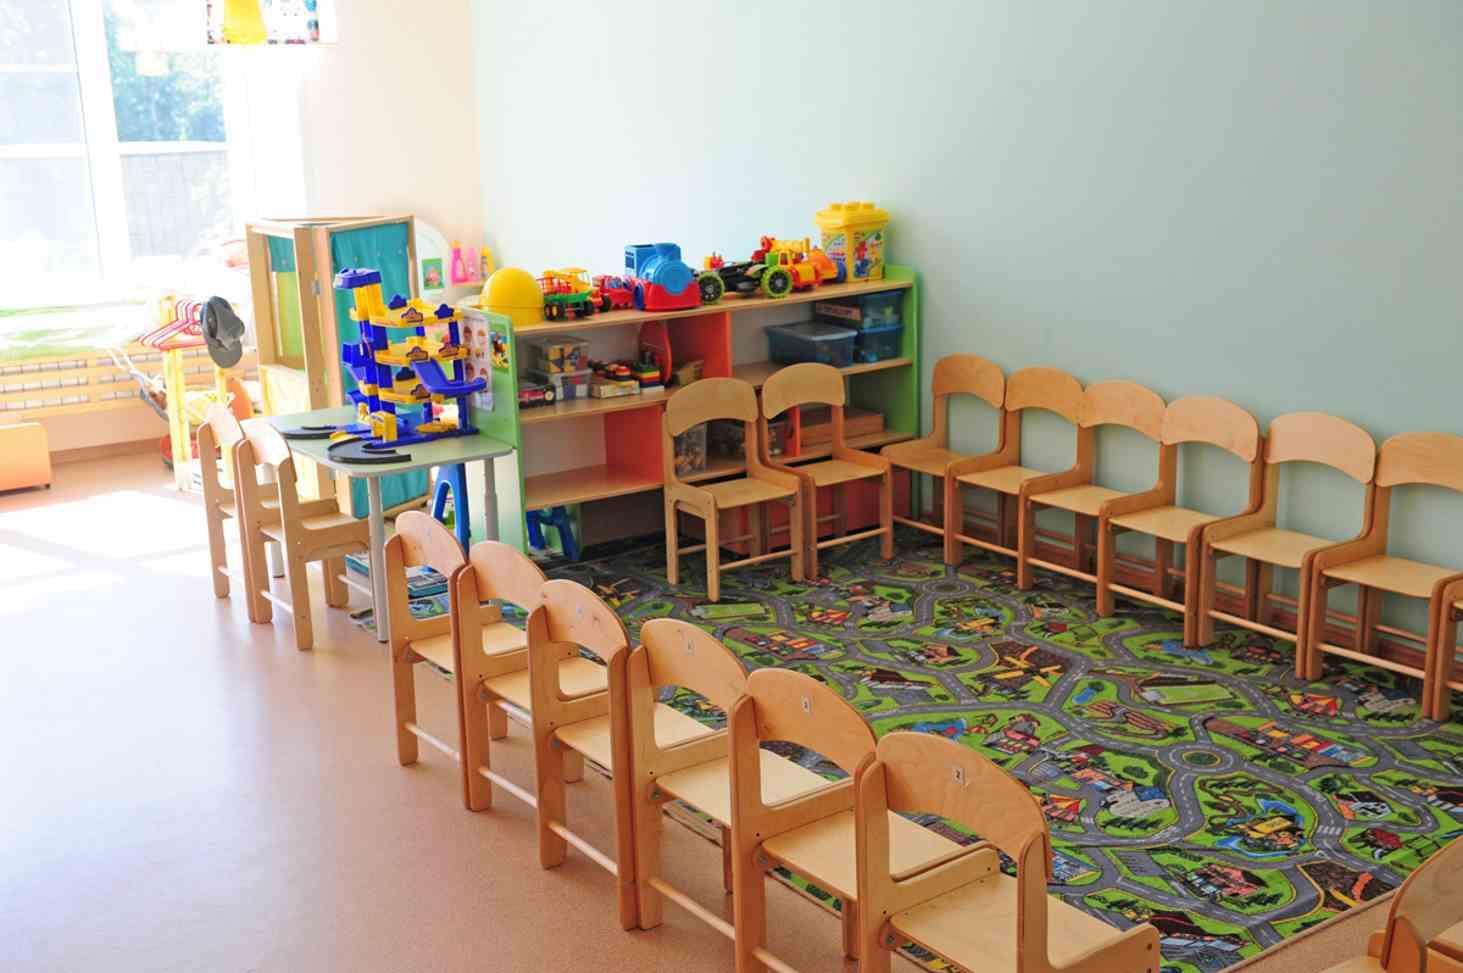 v-rossii-prinyali-zakon-o-prioritetnom-prieme-v-shkoly-detej-iz-odnoj-semi